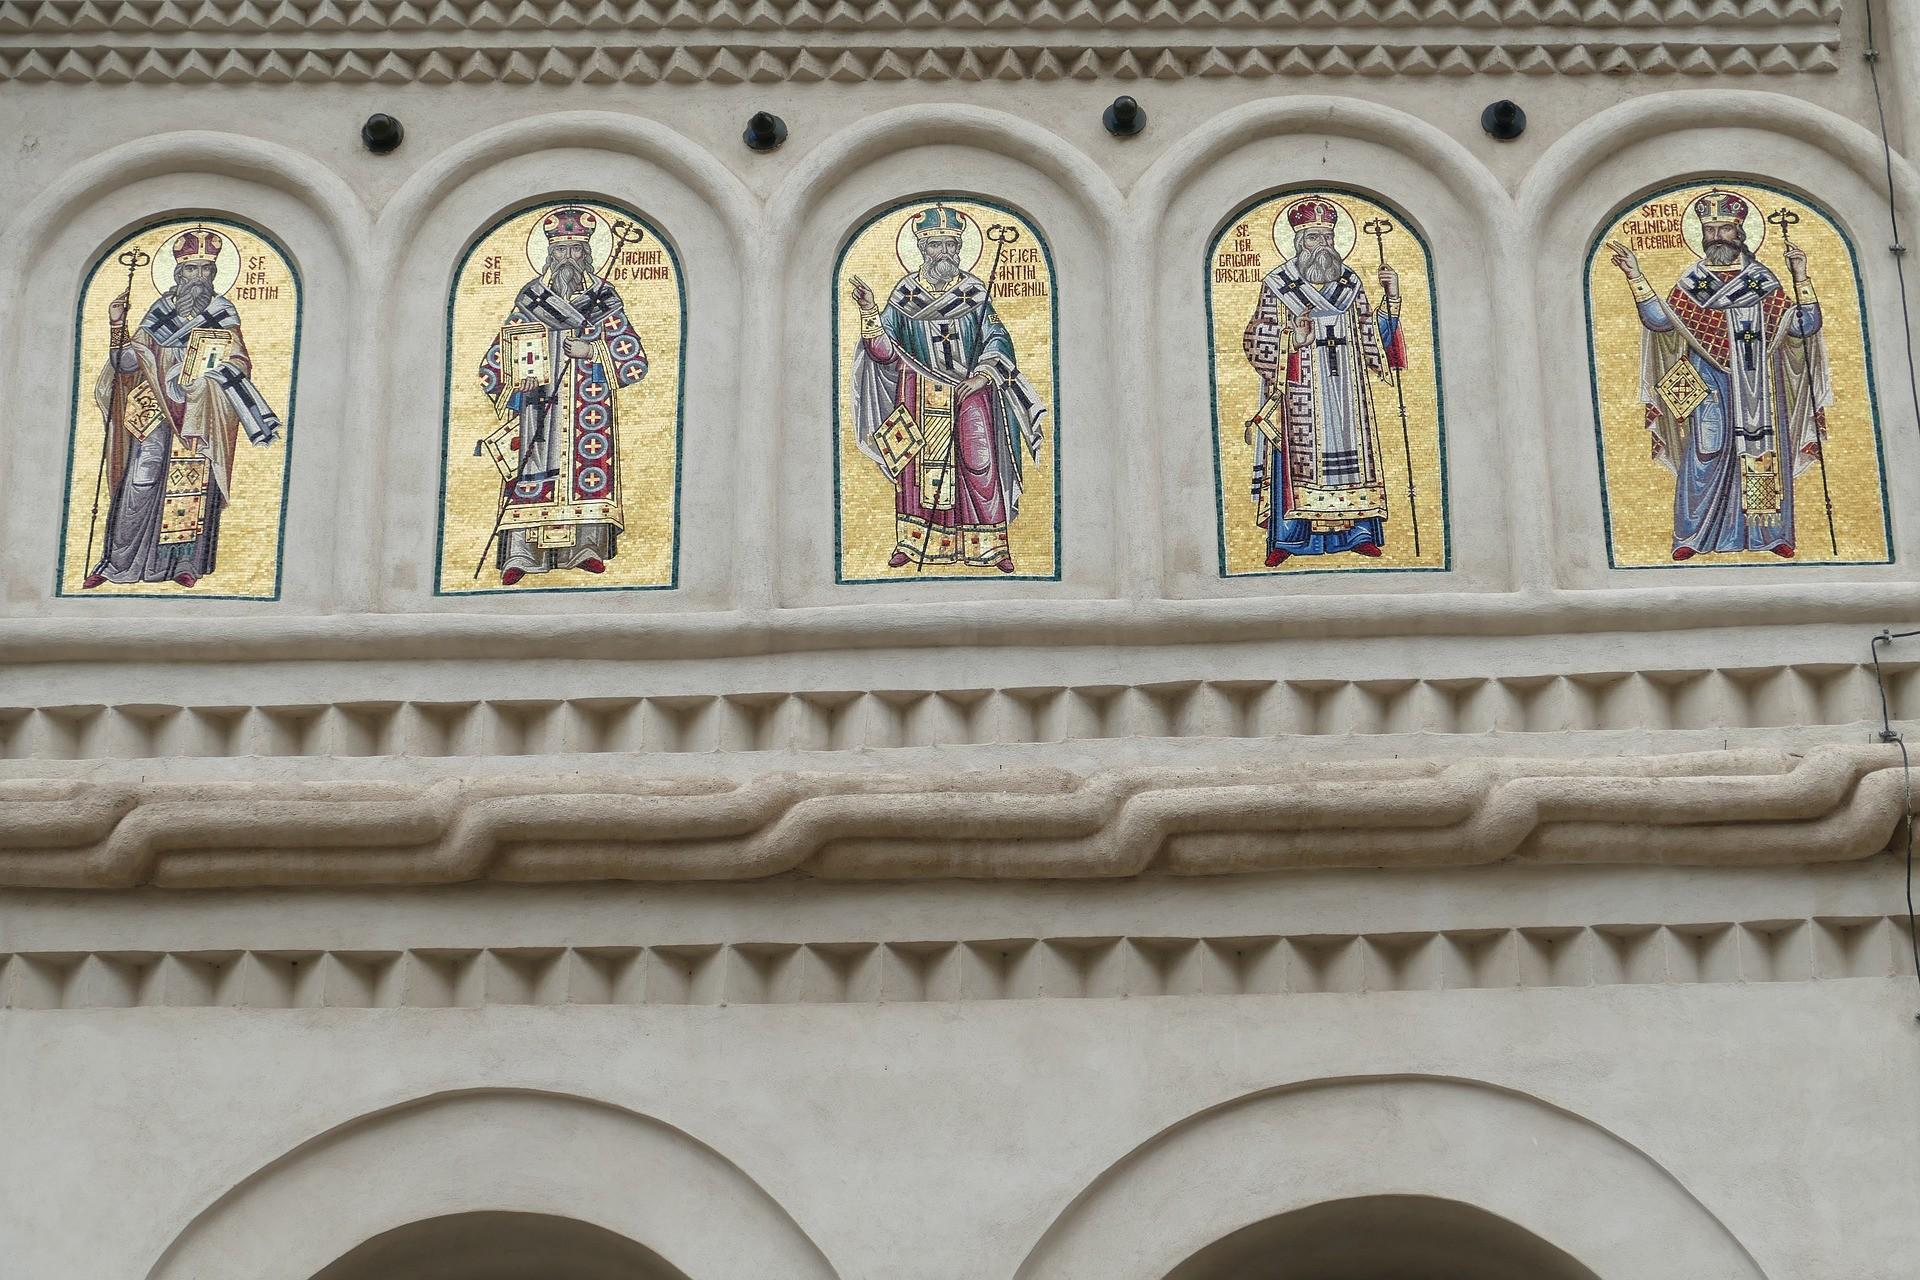 Mosaici sulle facciate della Cattedrale Patriarcale di Bucarest